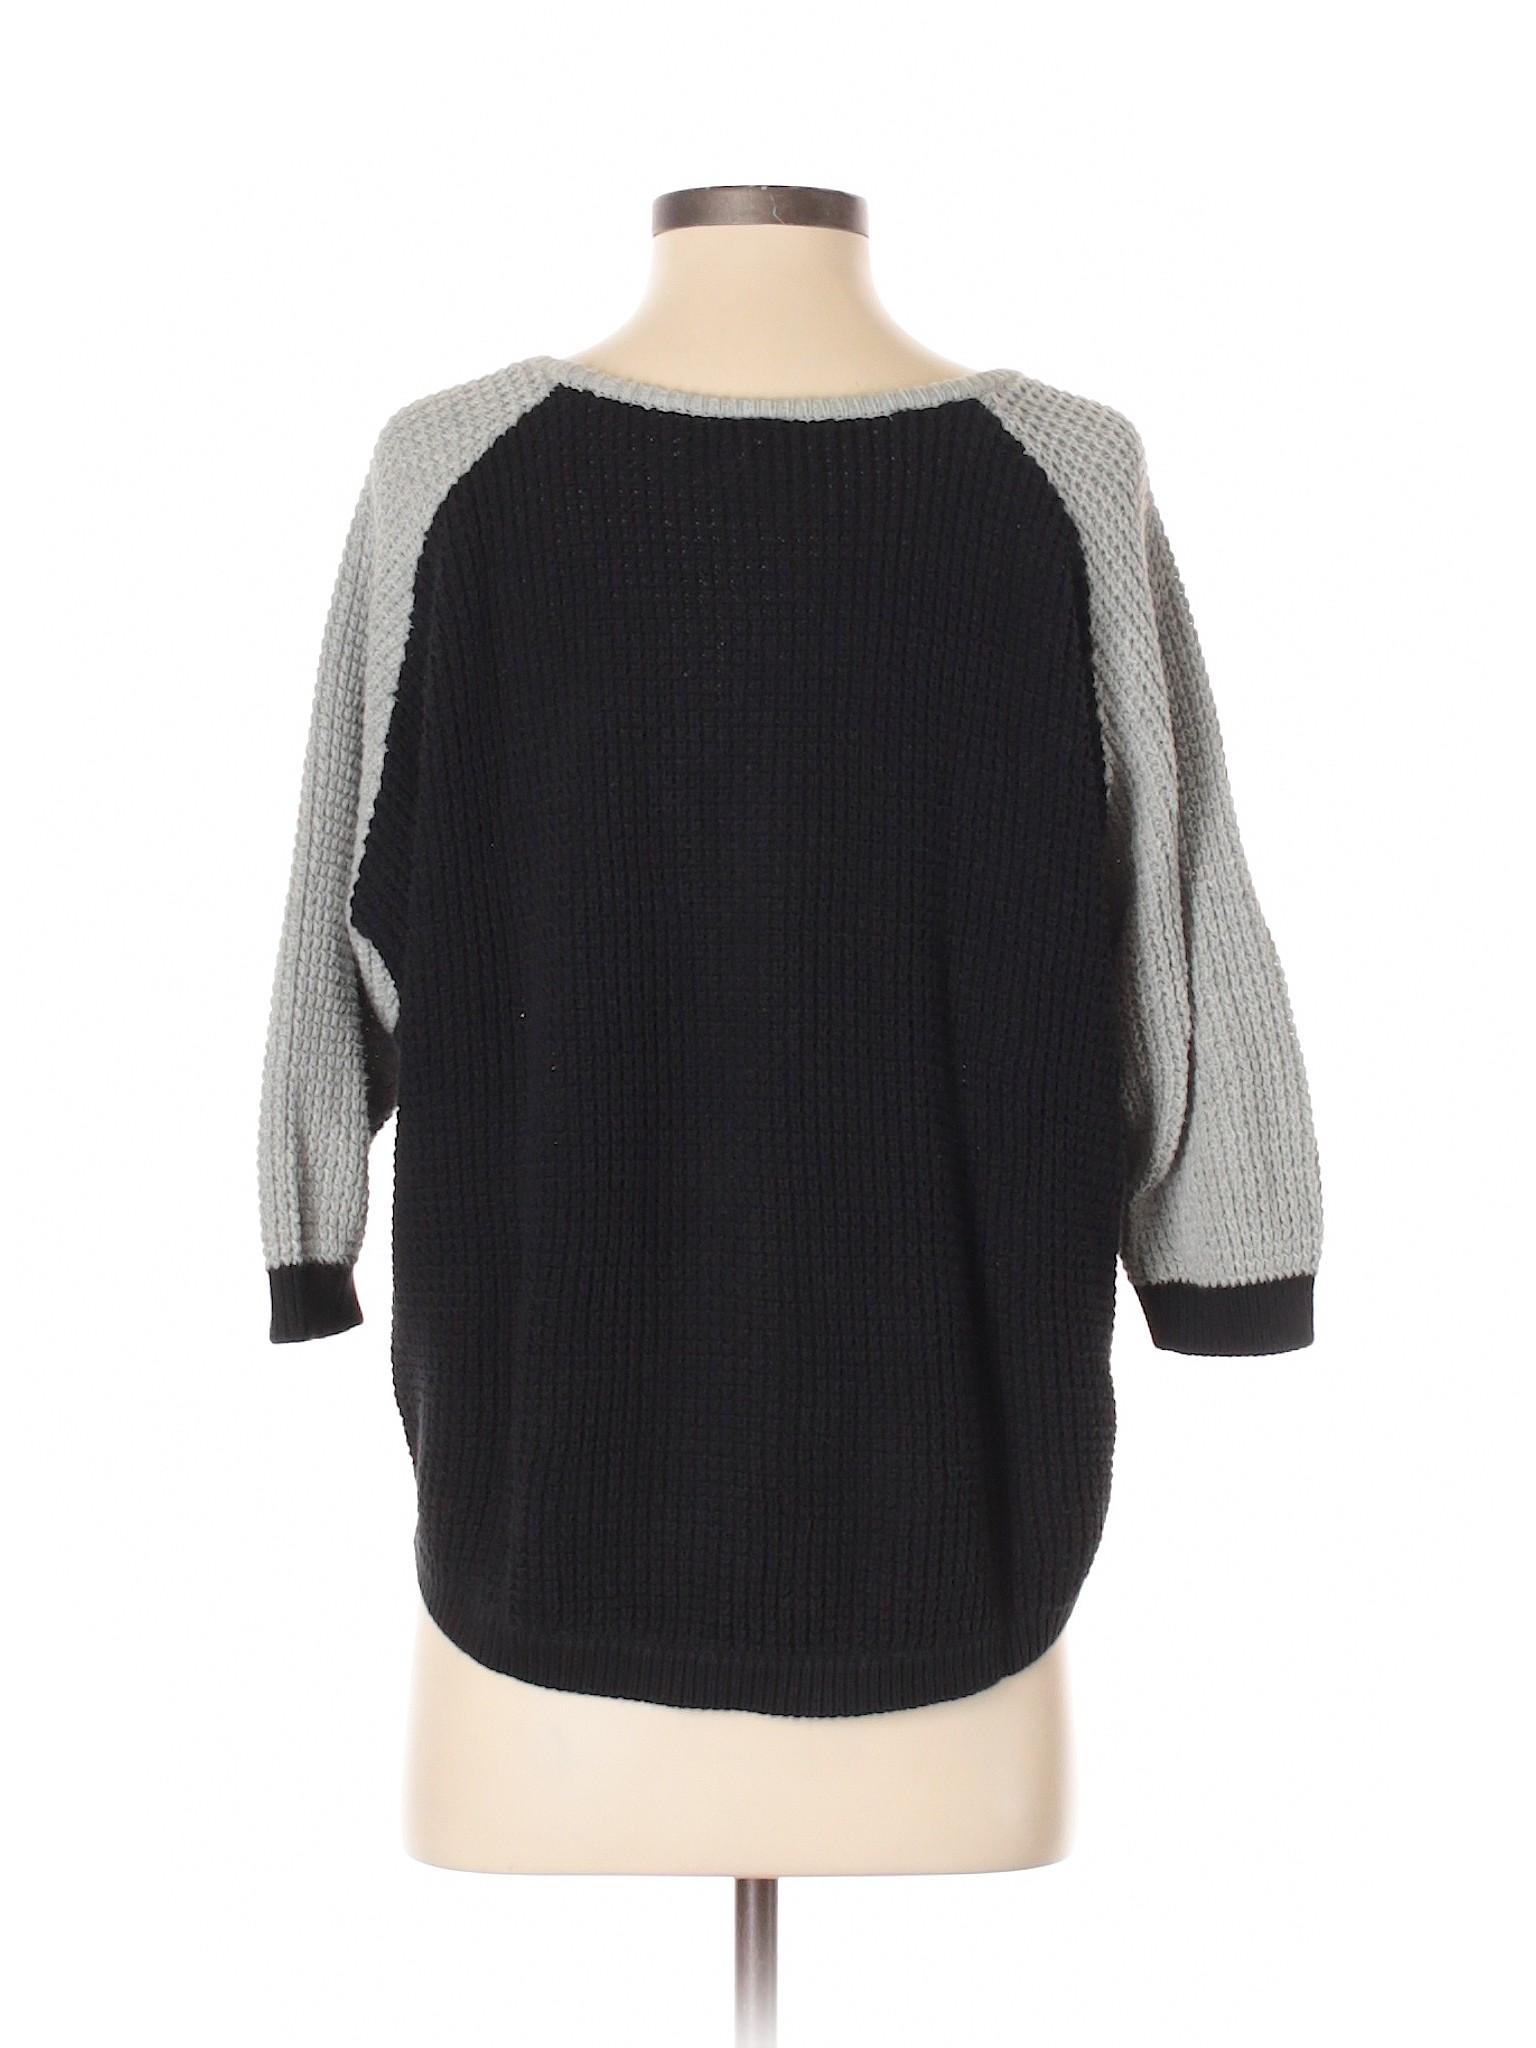 Sweater Si Boutique Boutique iae Pullover Si Pullover Pullover Sweater Si iae Boutique iae x1qUR7